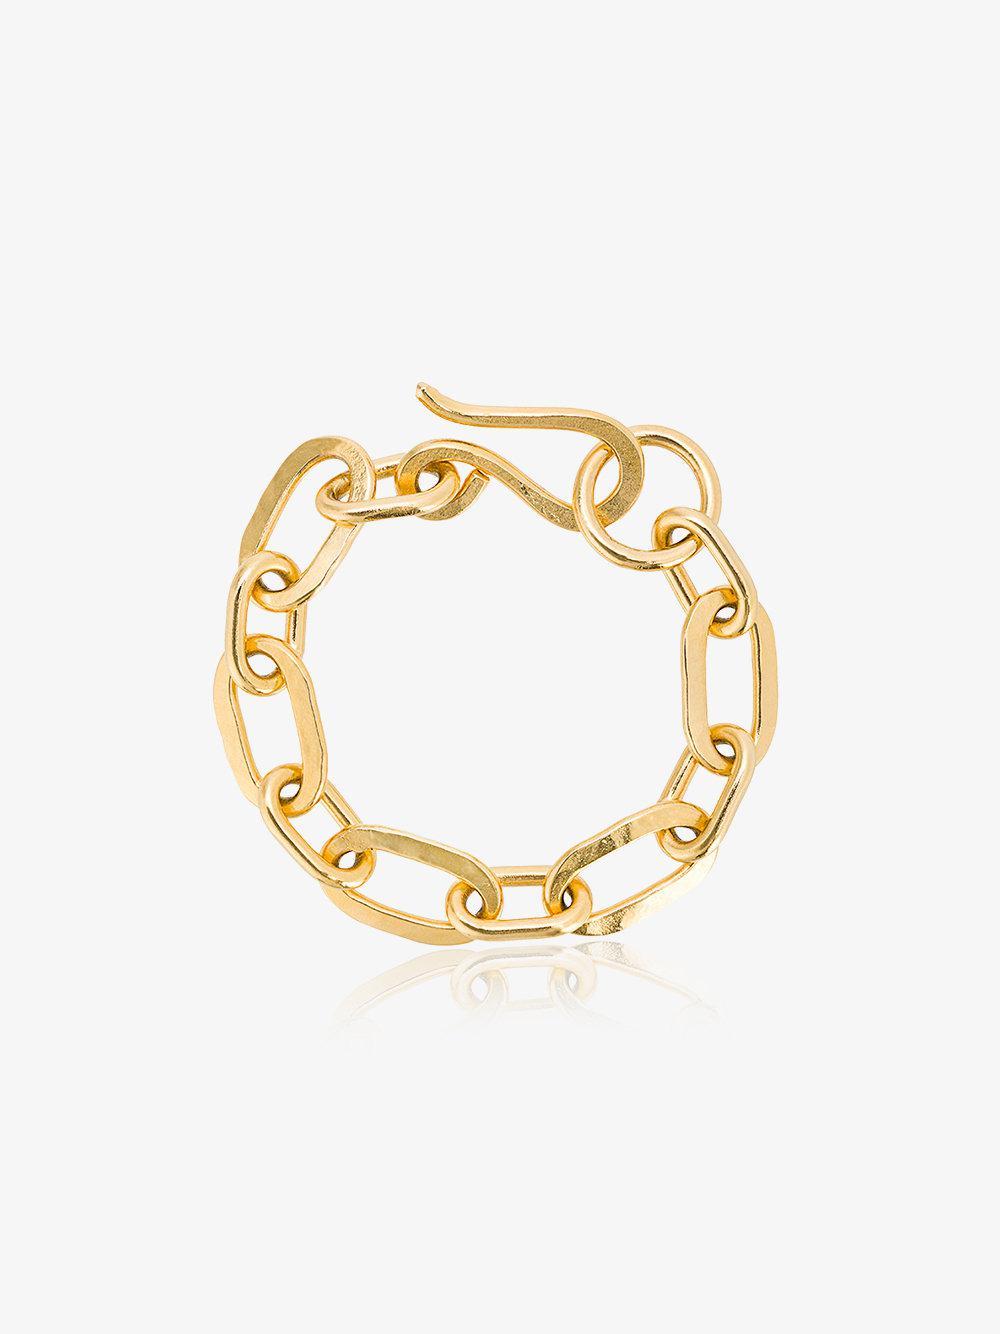 Jelena Behrend Oxidised Gold Jolie Link bracelet - Black 56nYh